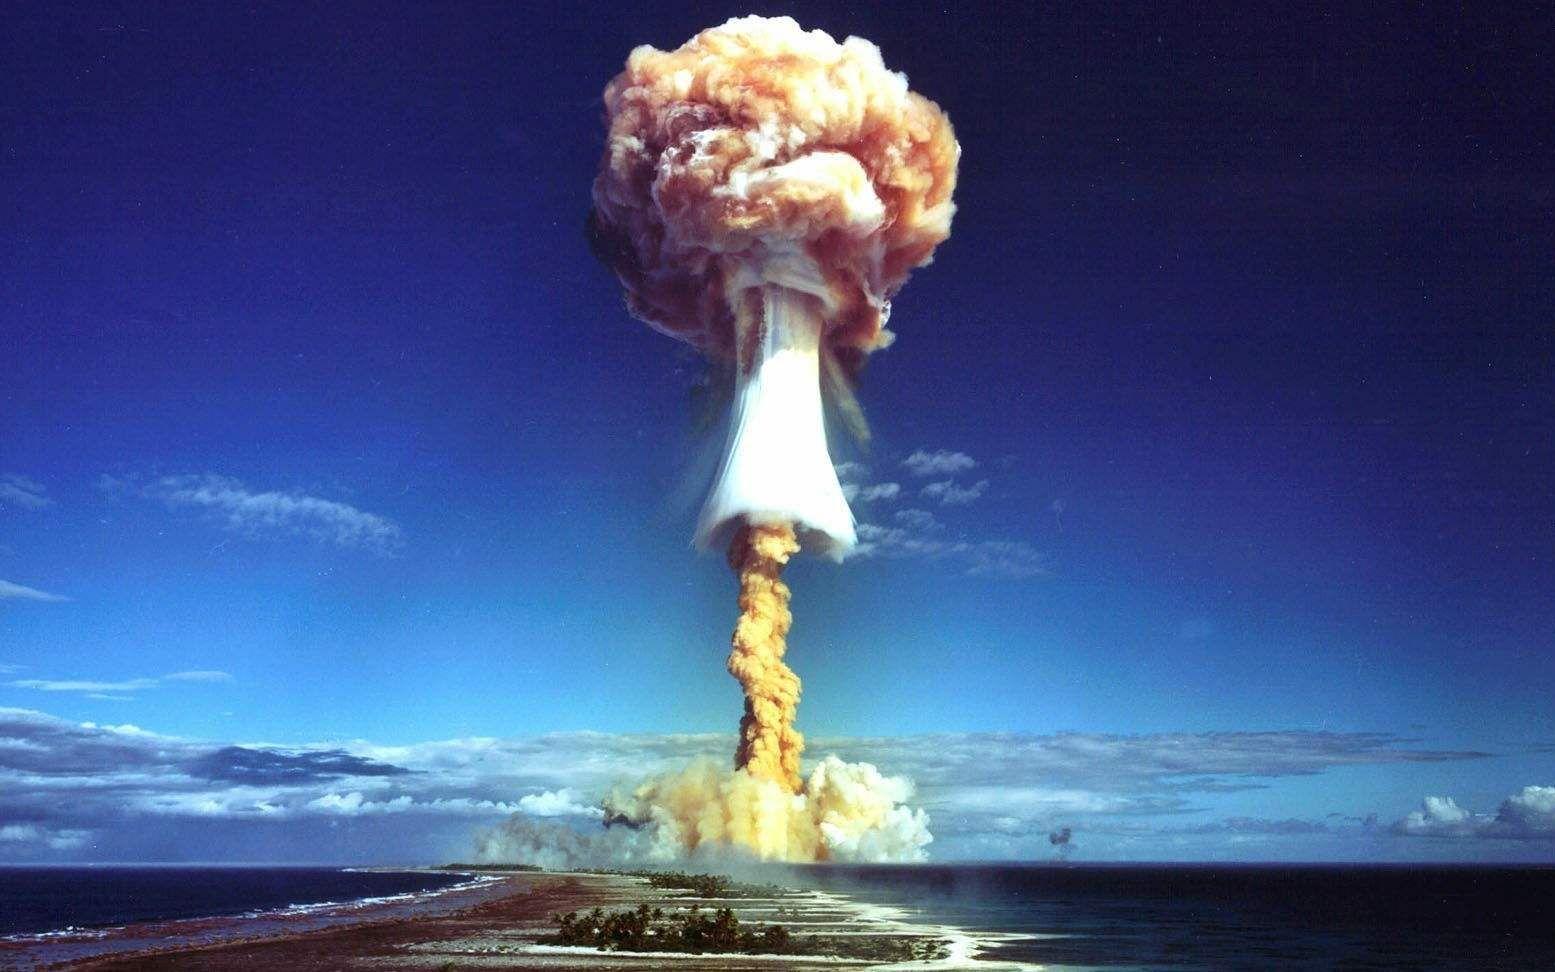 大伊万氢弹_苏联核武器大伊万氢弹核爆瞬间_哔哩哔哩 (゜-゜)つロ 干杯~-bilibili